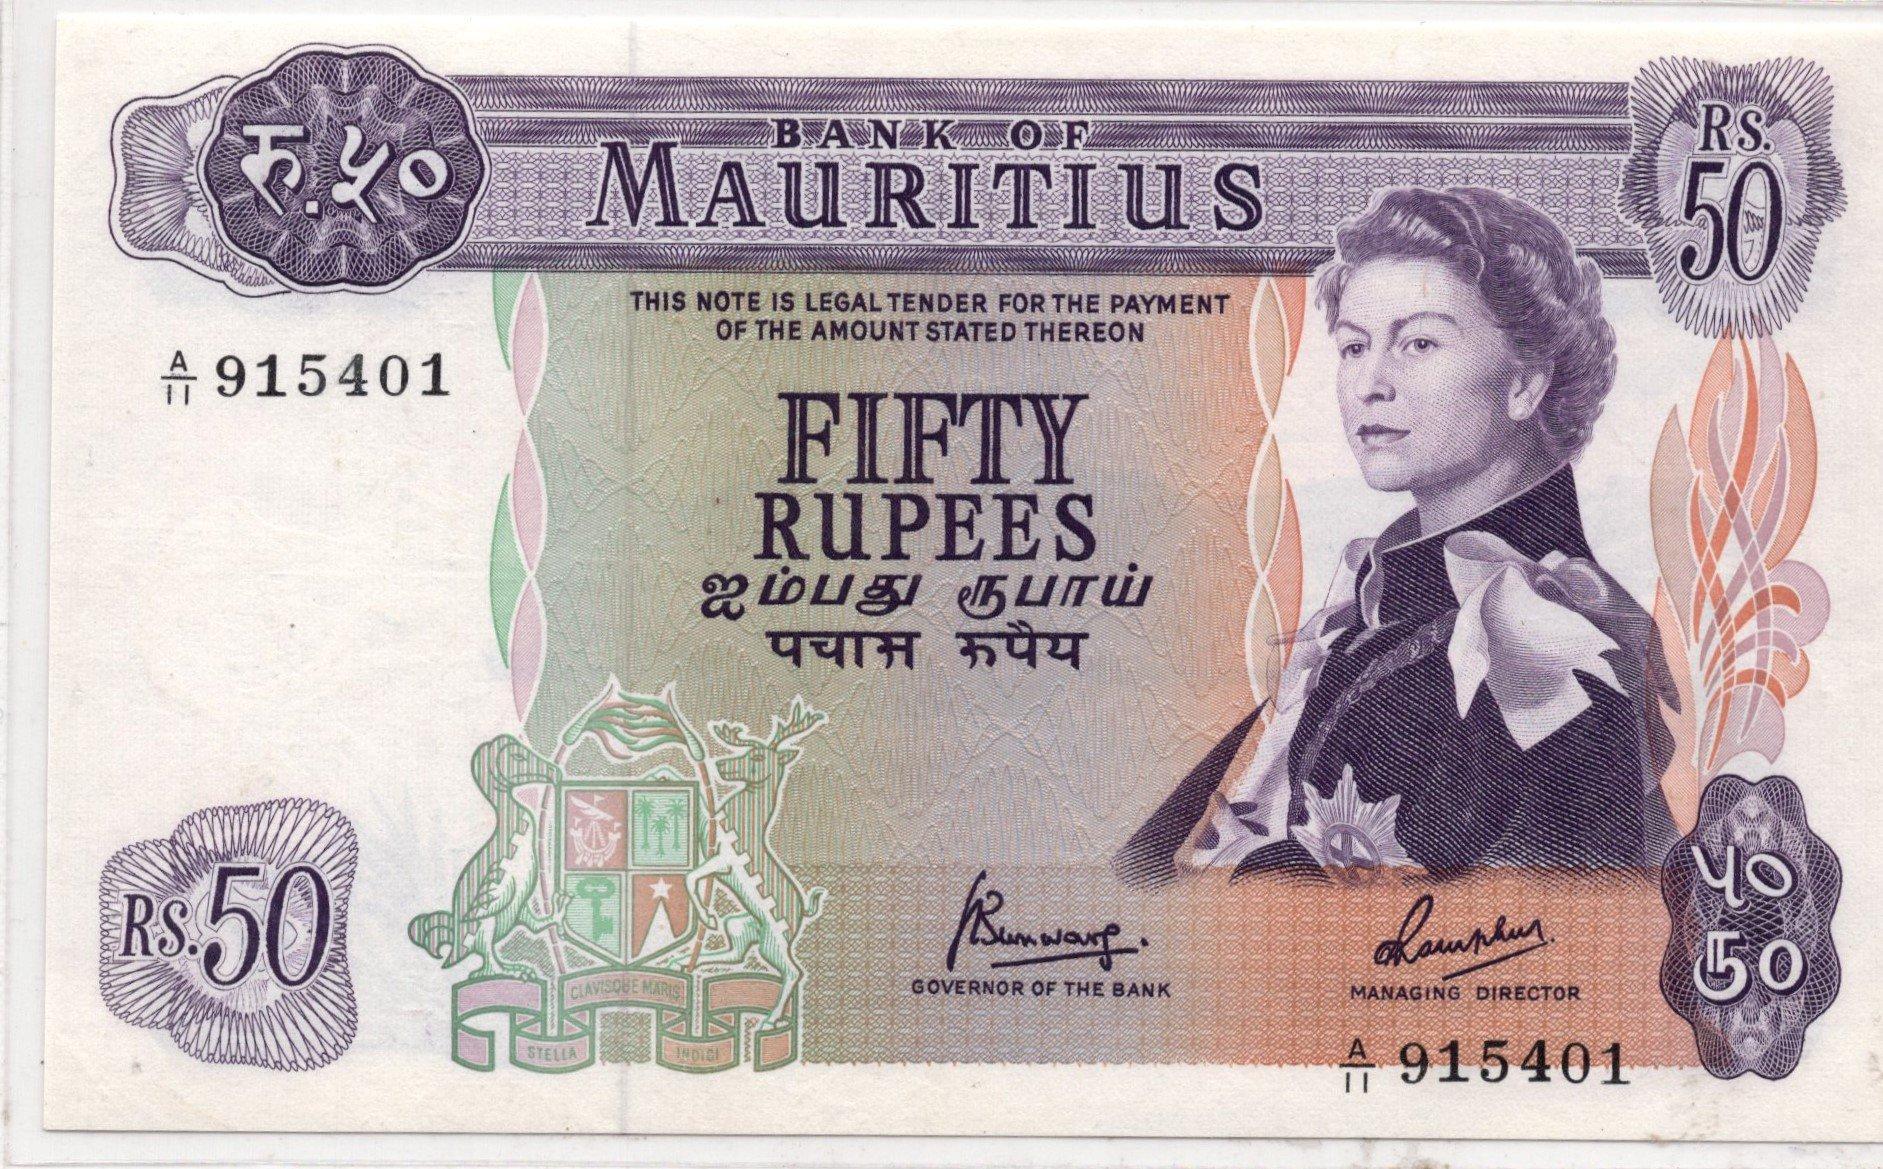 mautitius 50 rupees